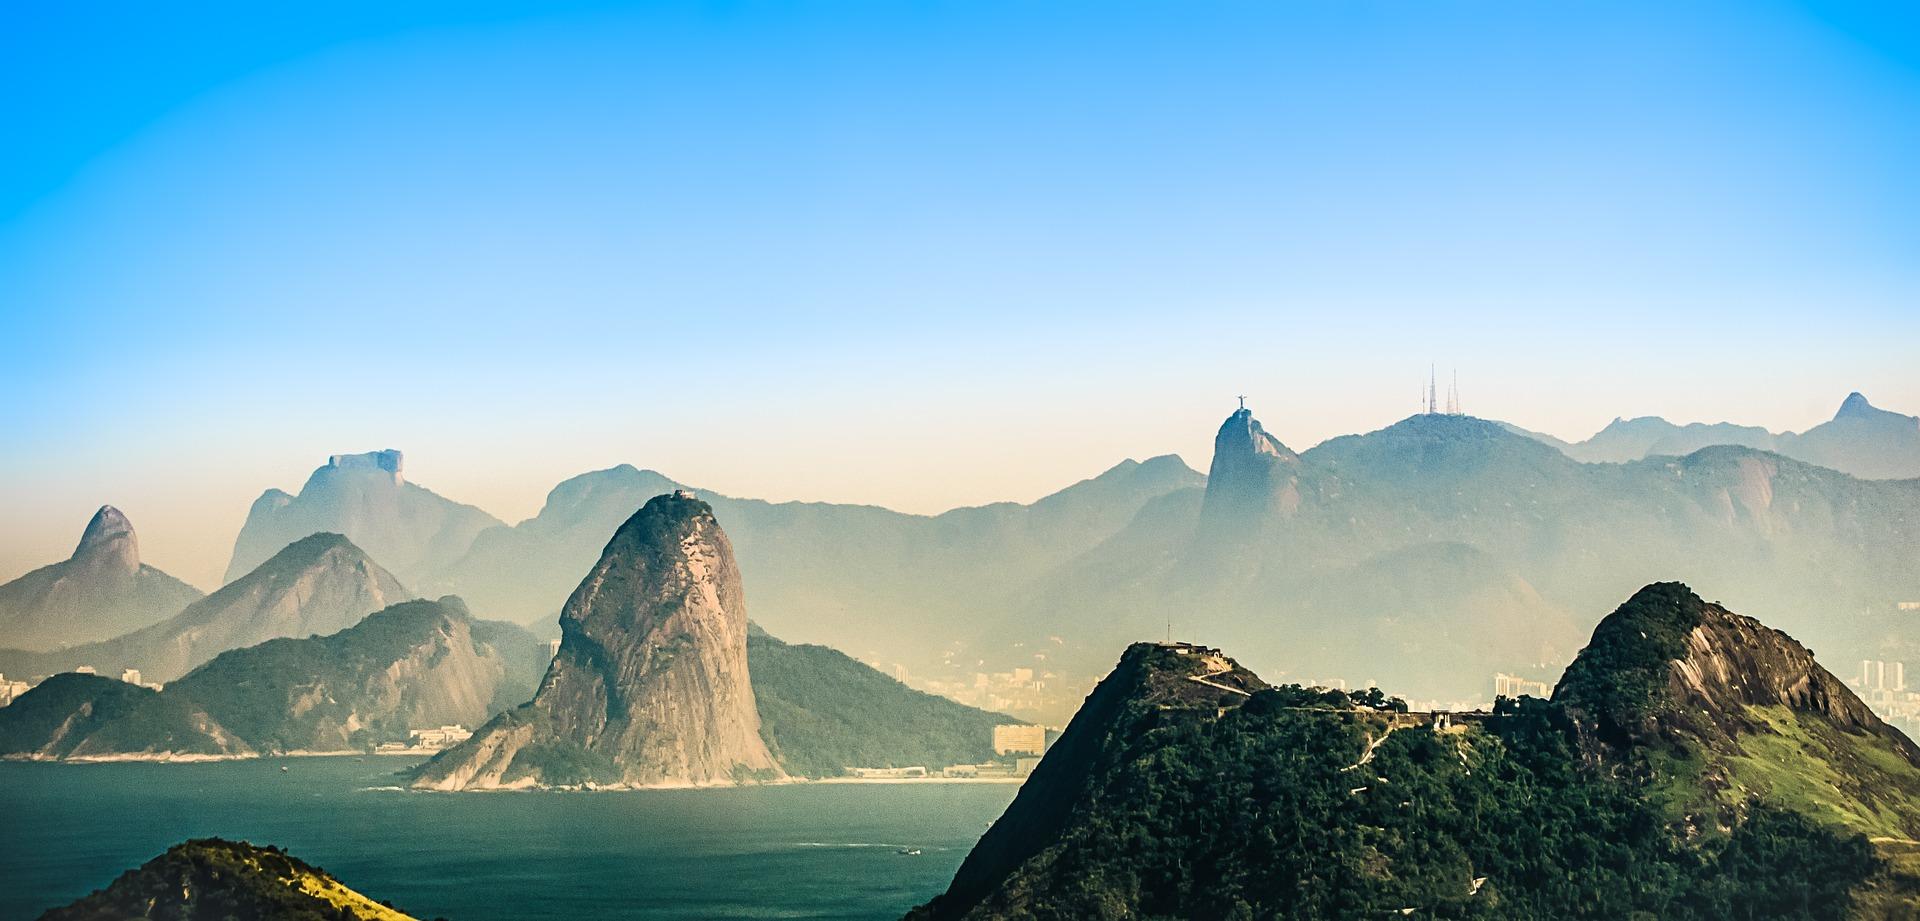 在里约热内卢度假, 巴西, 基督的救赎, 奥林匹克运动会, 奥运会 - 高清壁纸 - 教授-falken.com